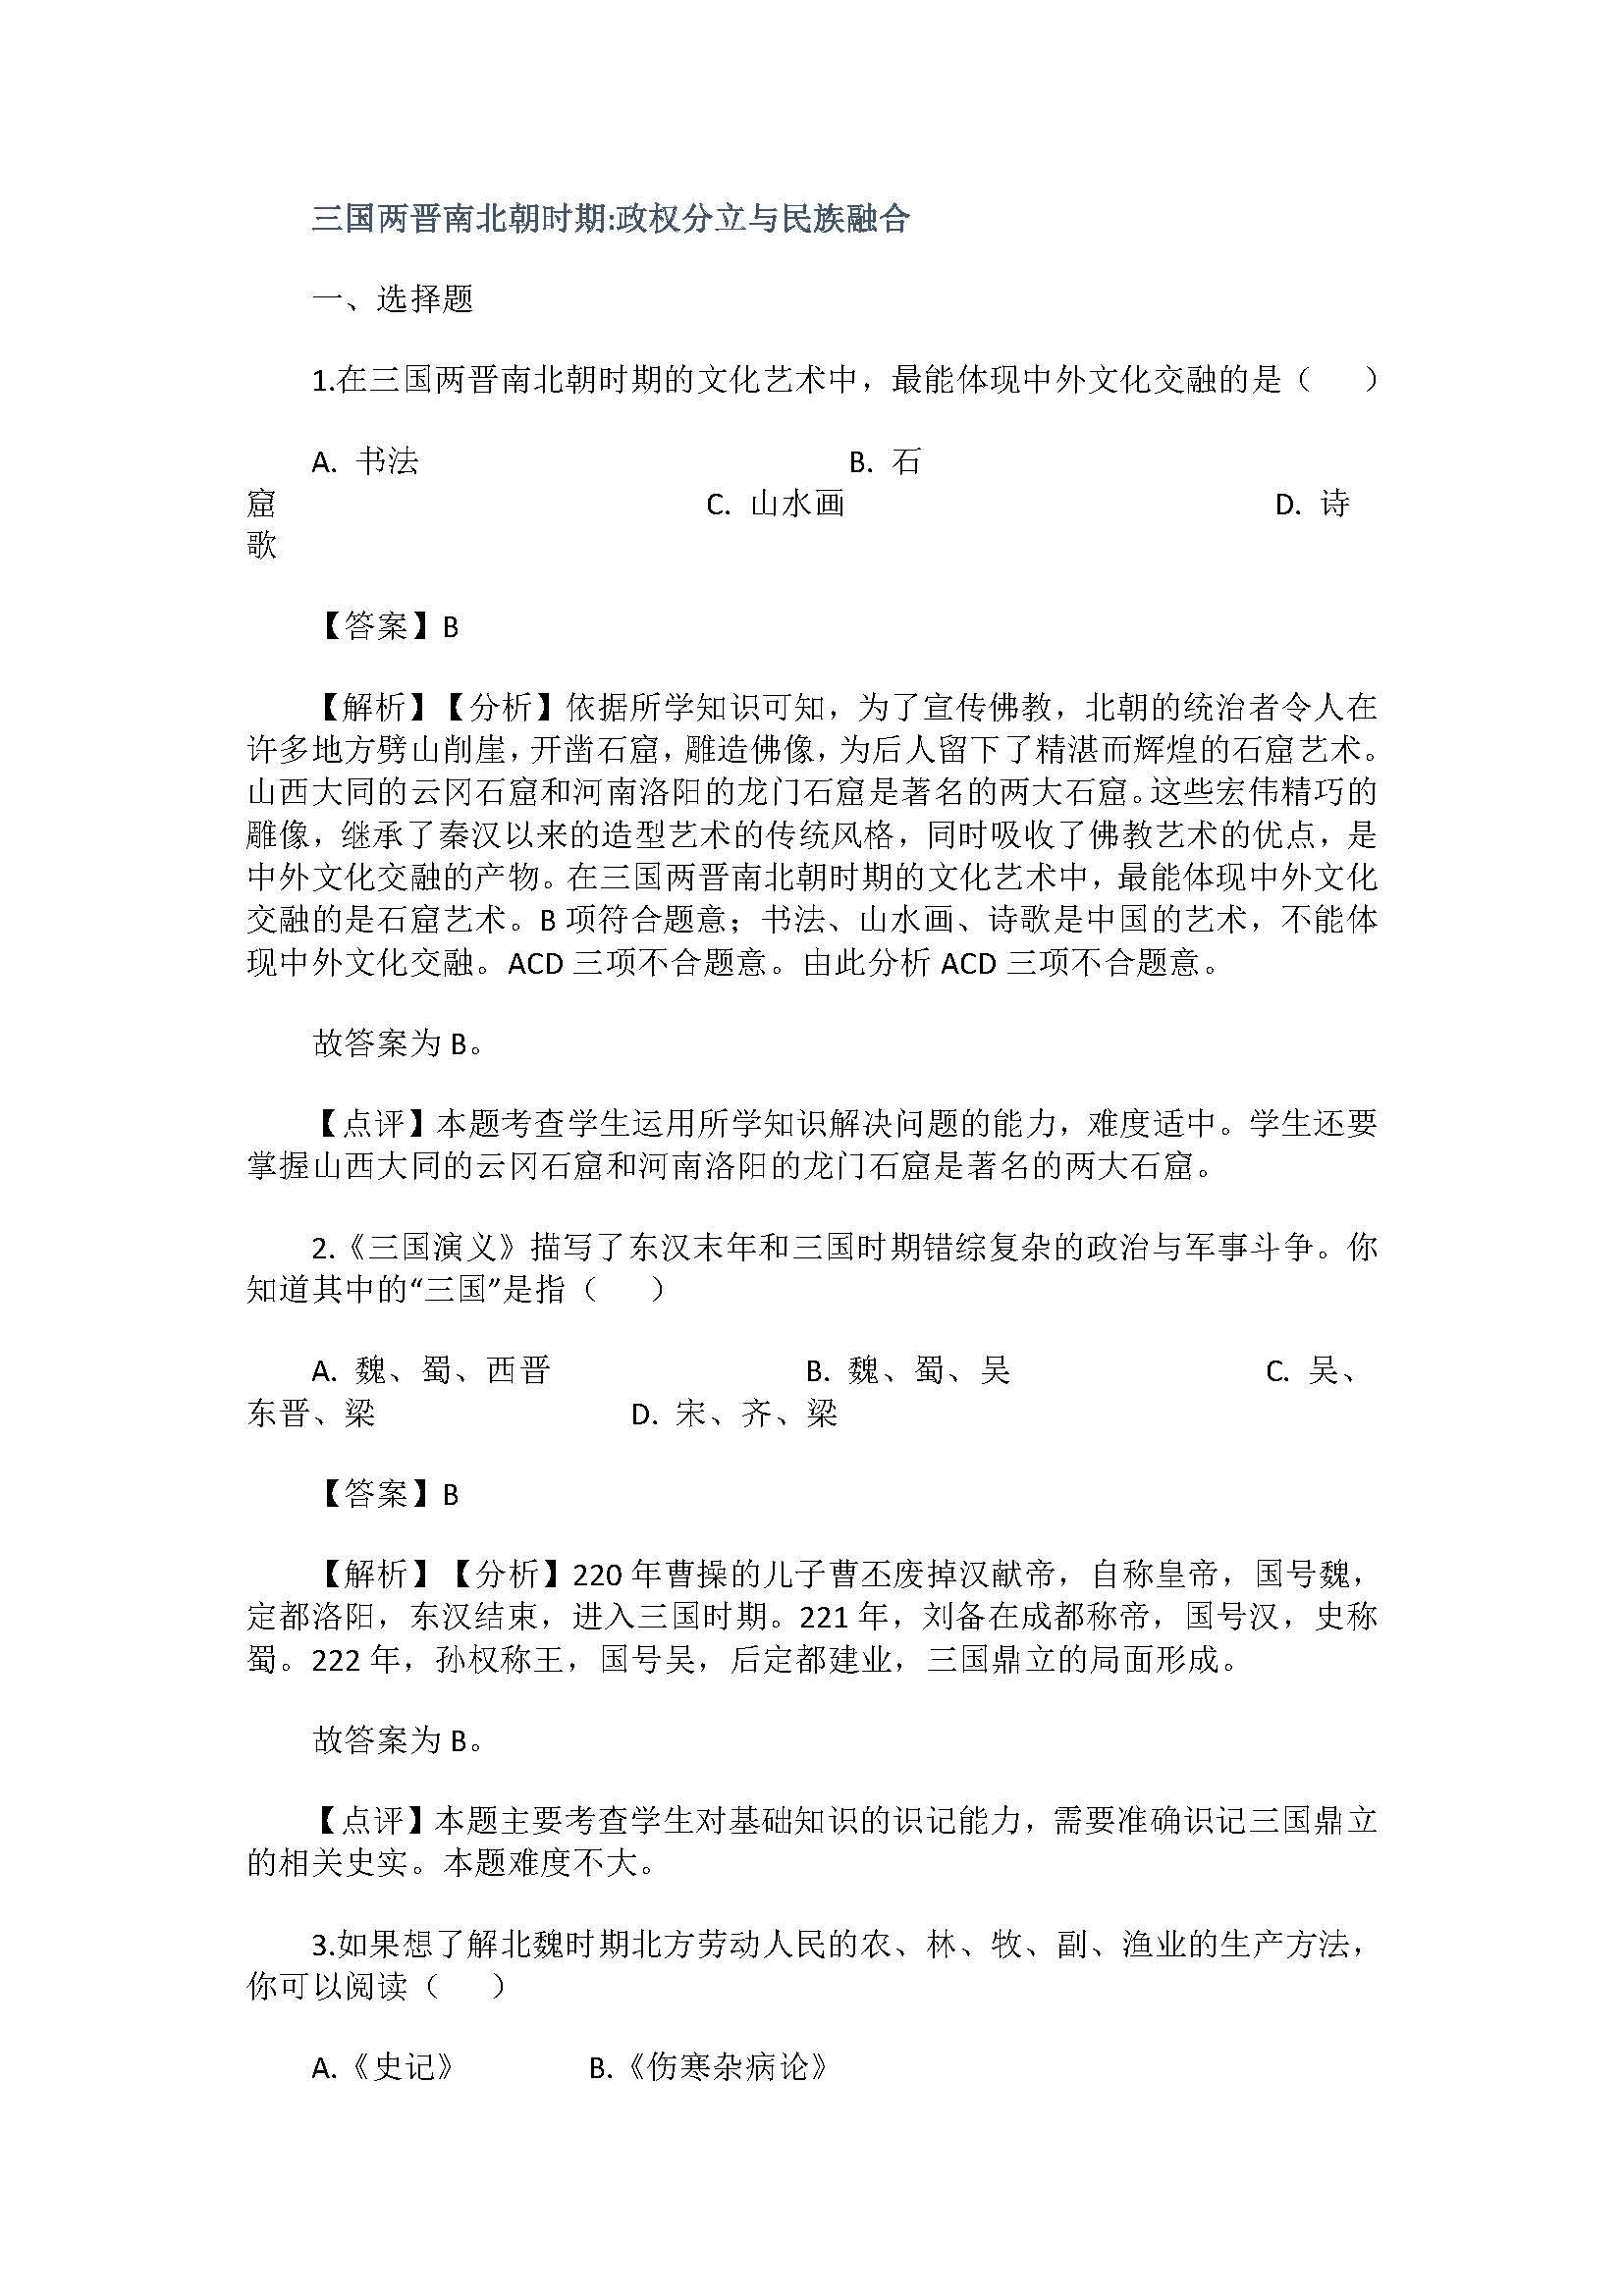 新人教版2018七年级历史上册单元测试题含答案(三国两晋南北朝时期)